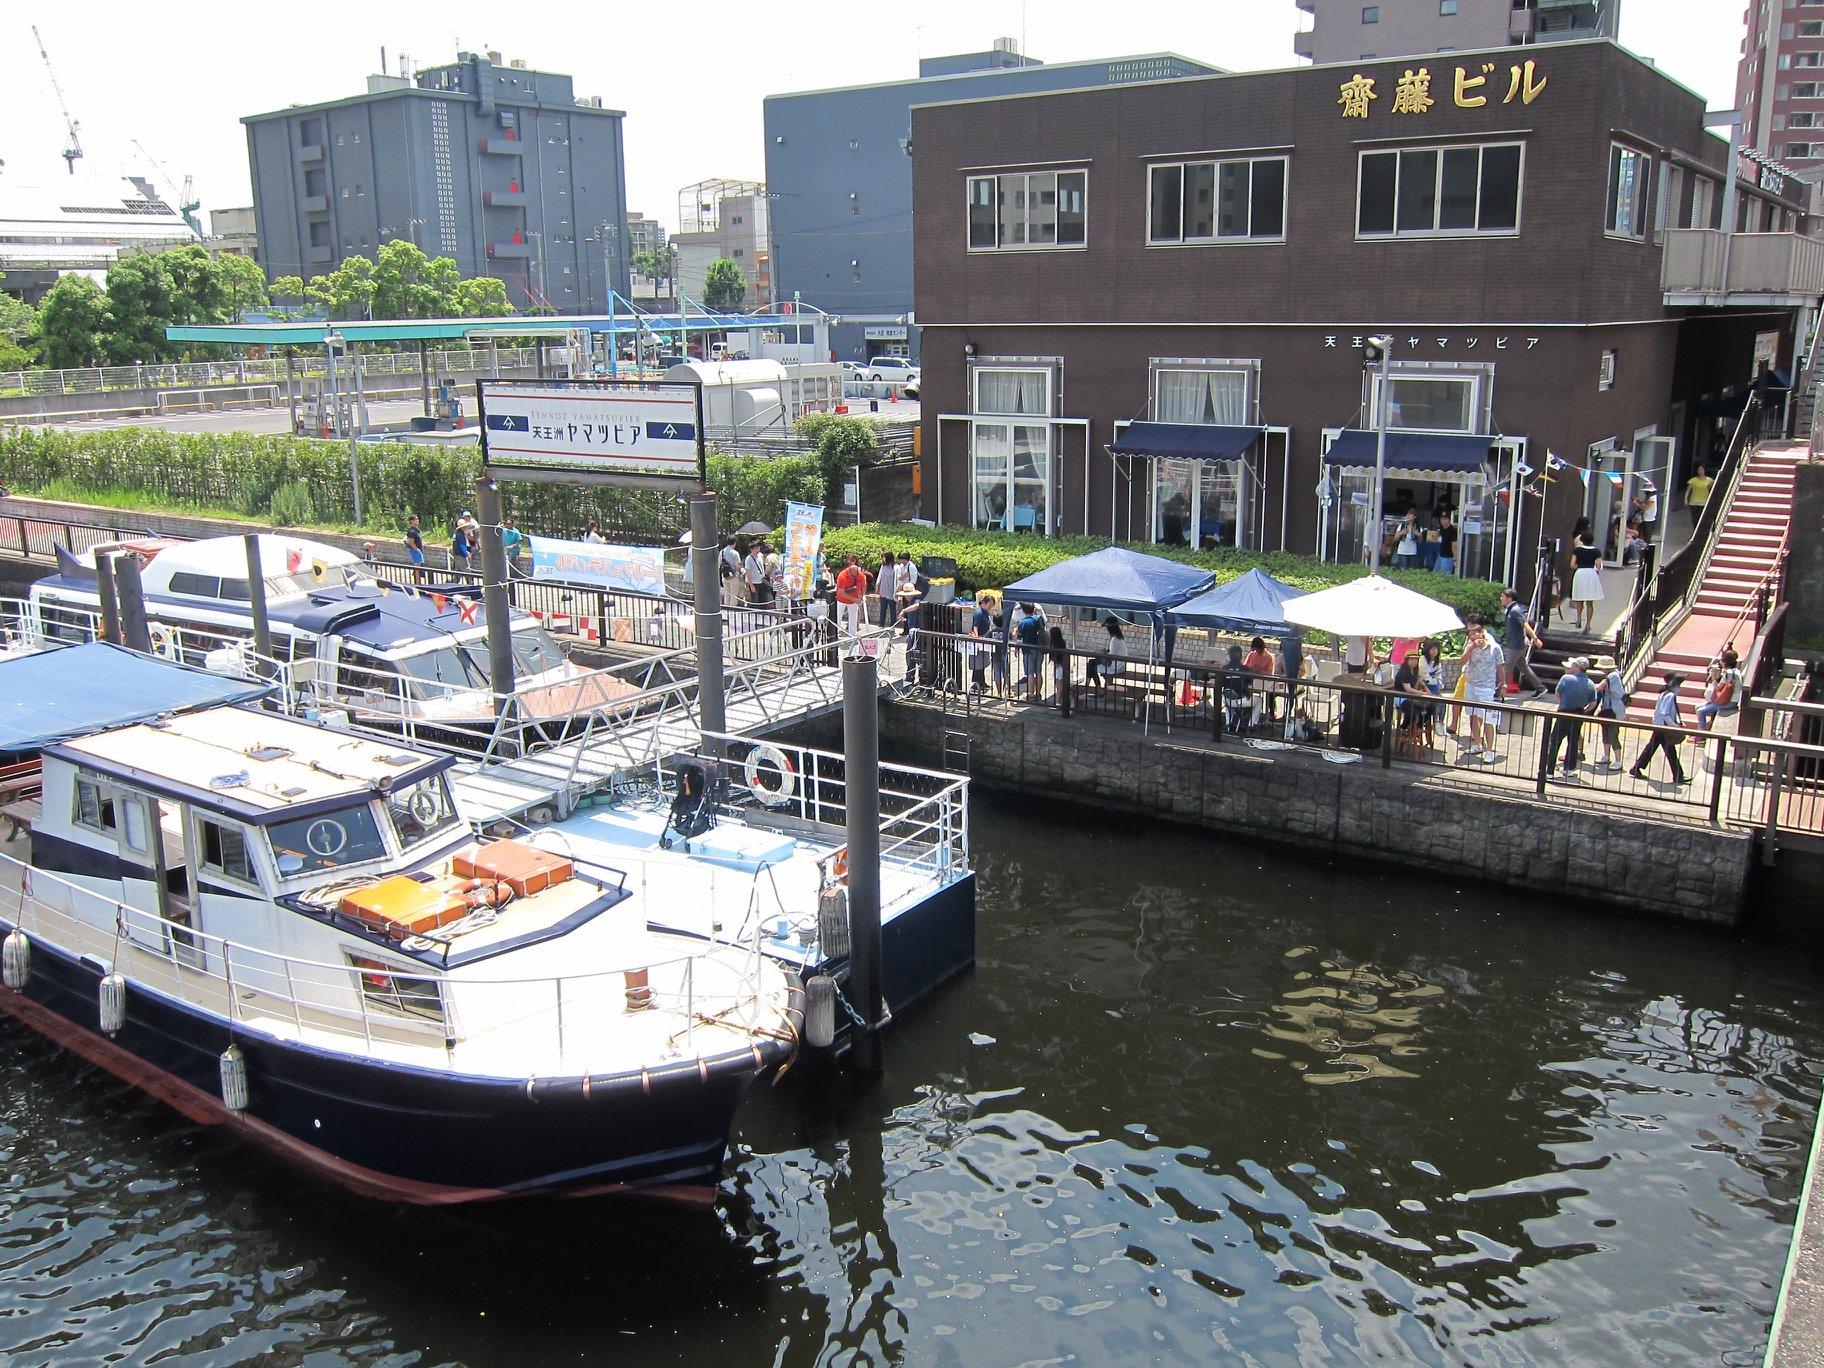 ジールフェスティバル ジールクルージング 東京湾クルーズ